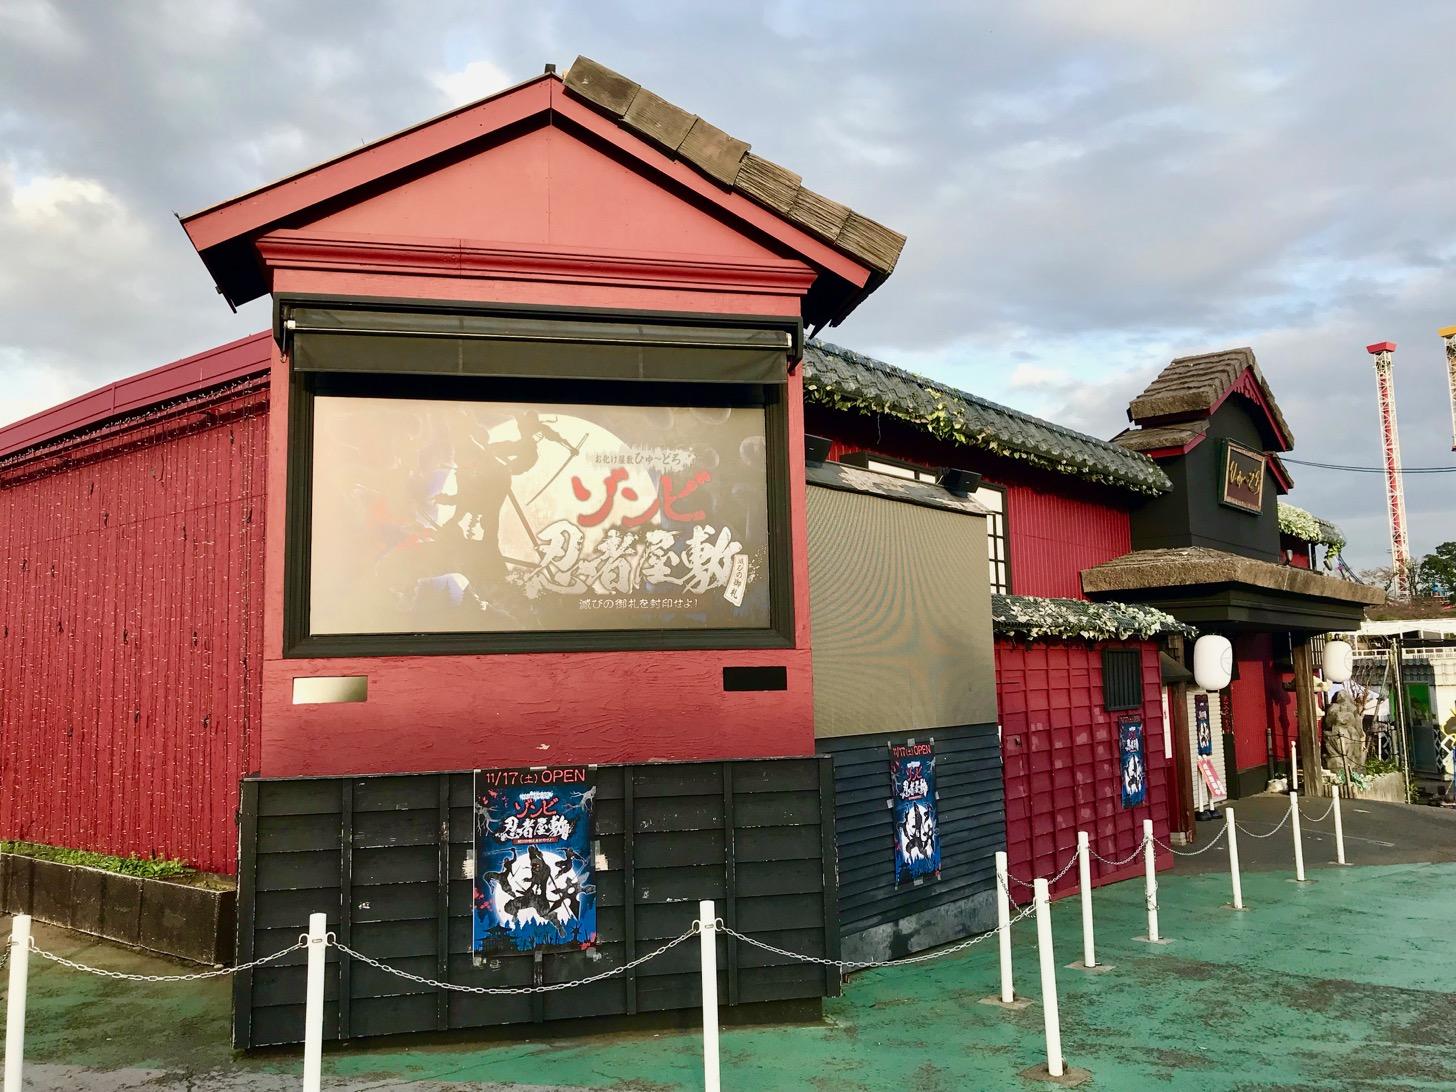 ホラーアトラクション「お化け屋敷『ひゅ〜どろ』ゾンビ忍者屋敷